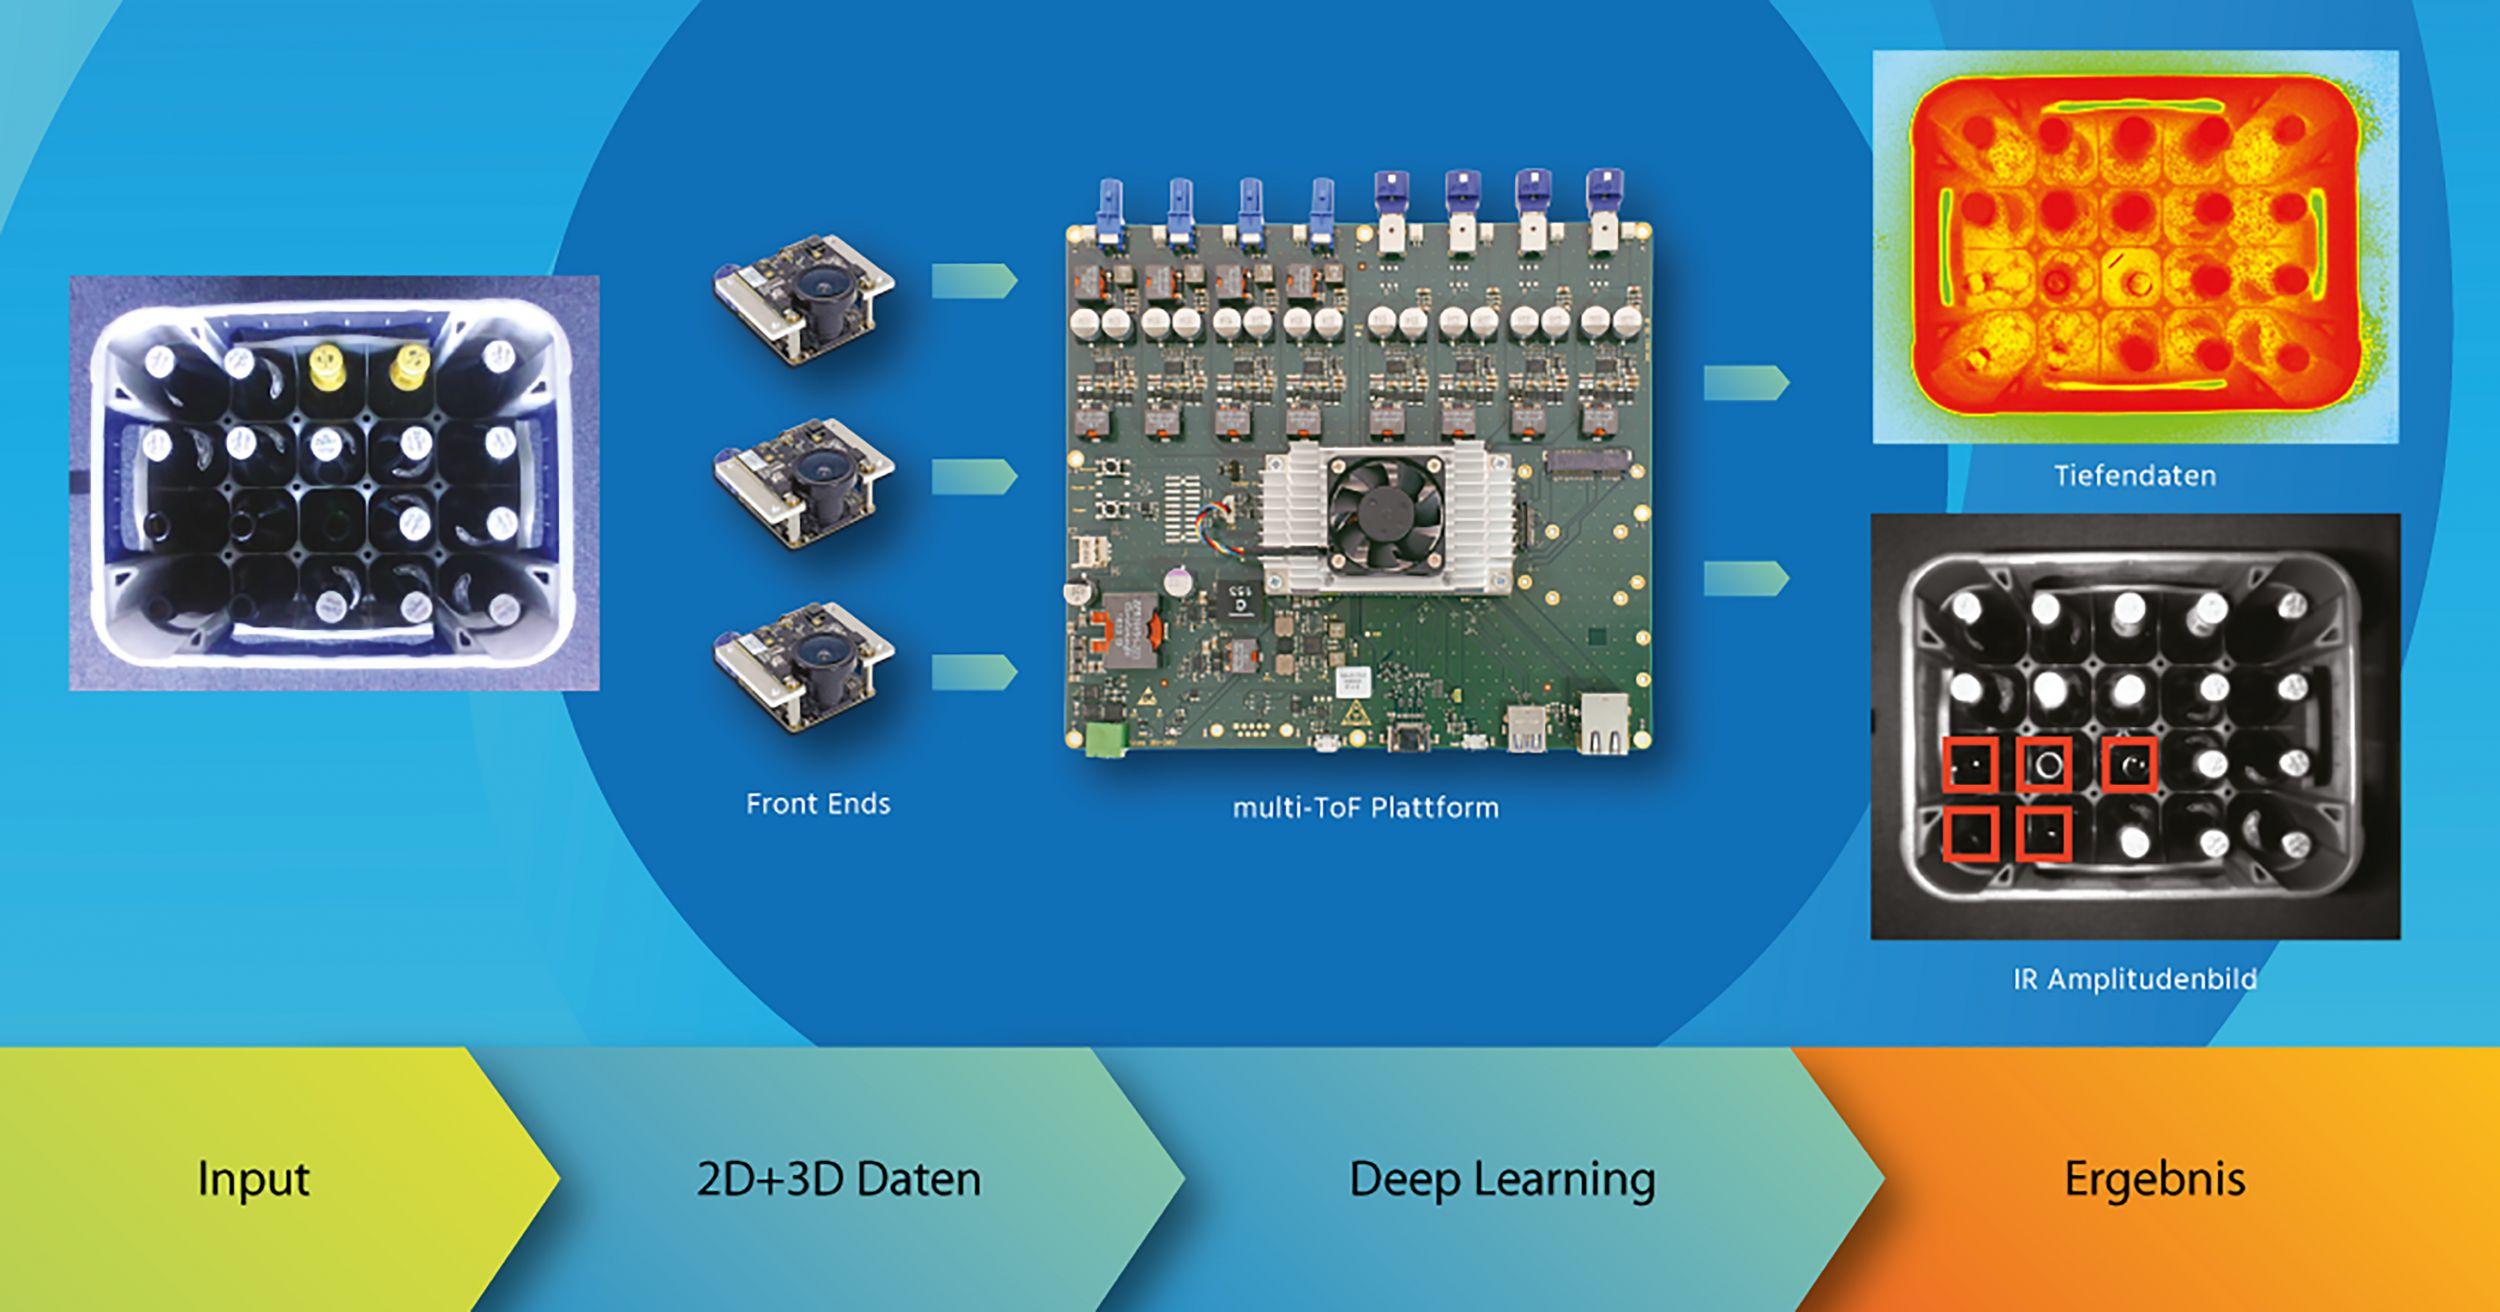 Bild 1 | Auf der Multi-ToF-Plattform von Becom können auch leistungsfähige Deep-Learning-Anwendungen realisiert werden. (Bild: Becom Systems GmbH)